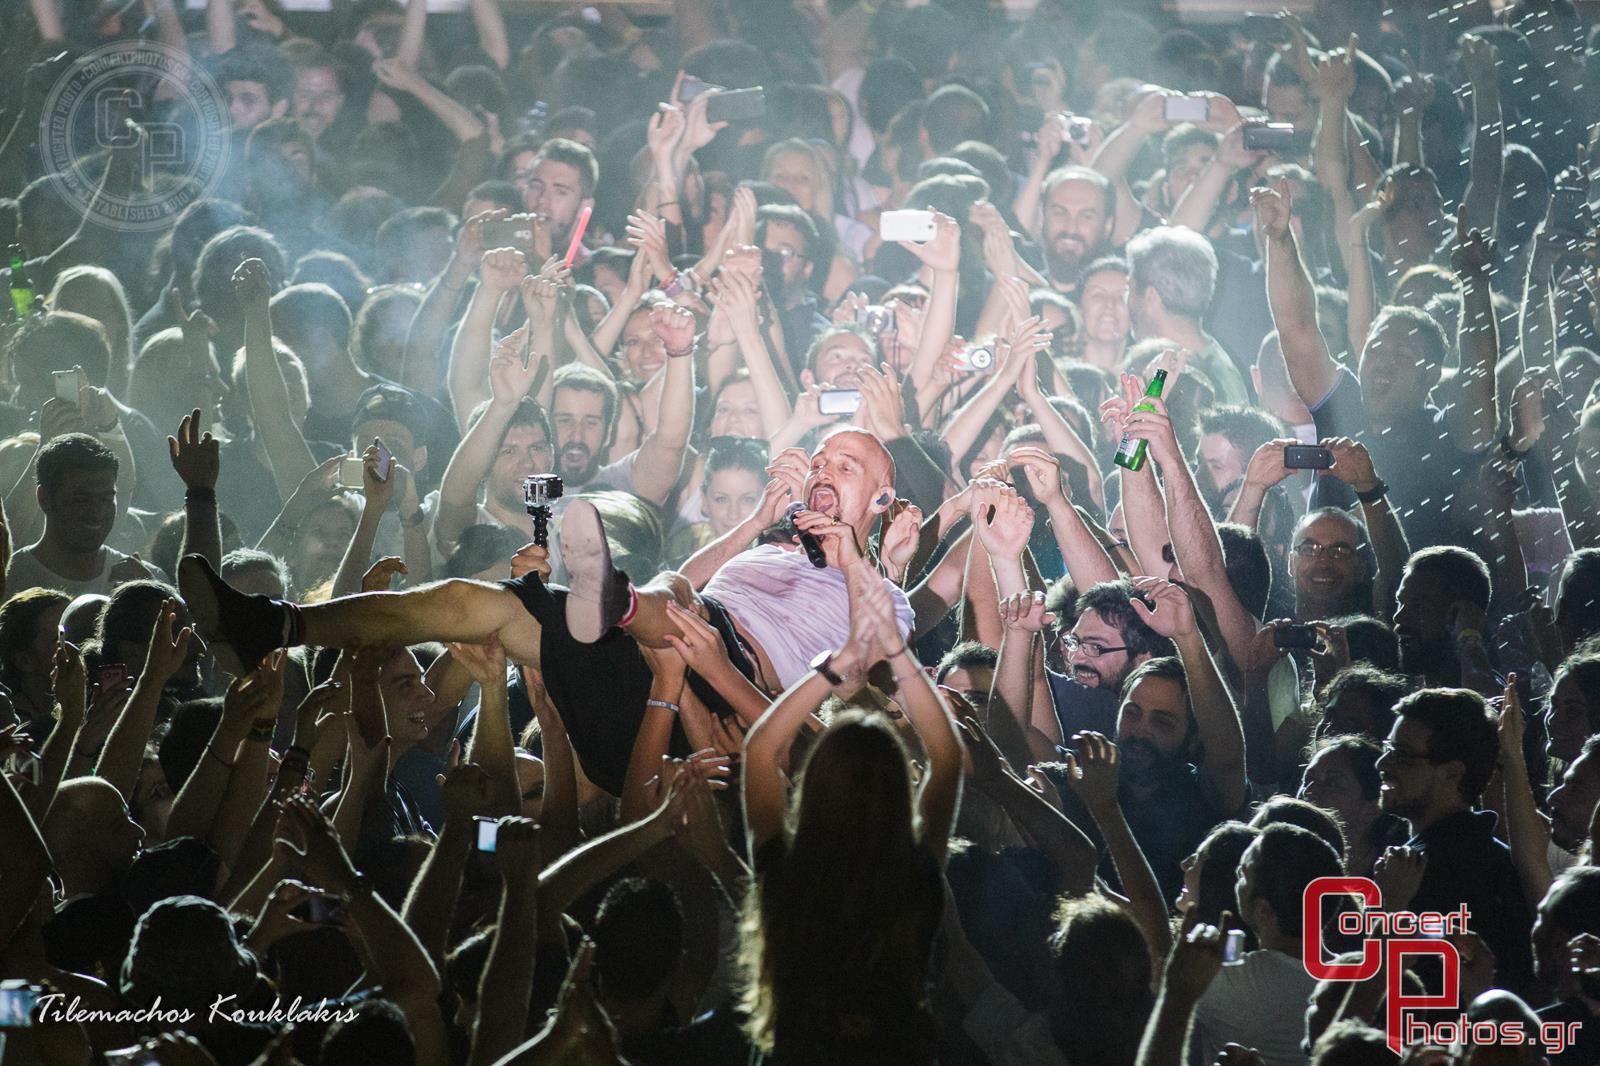 James & Moan-James-Theatro Vrachon photographer:  - Rockwave-2014-51